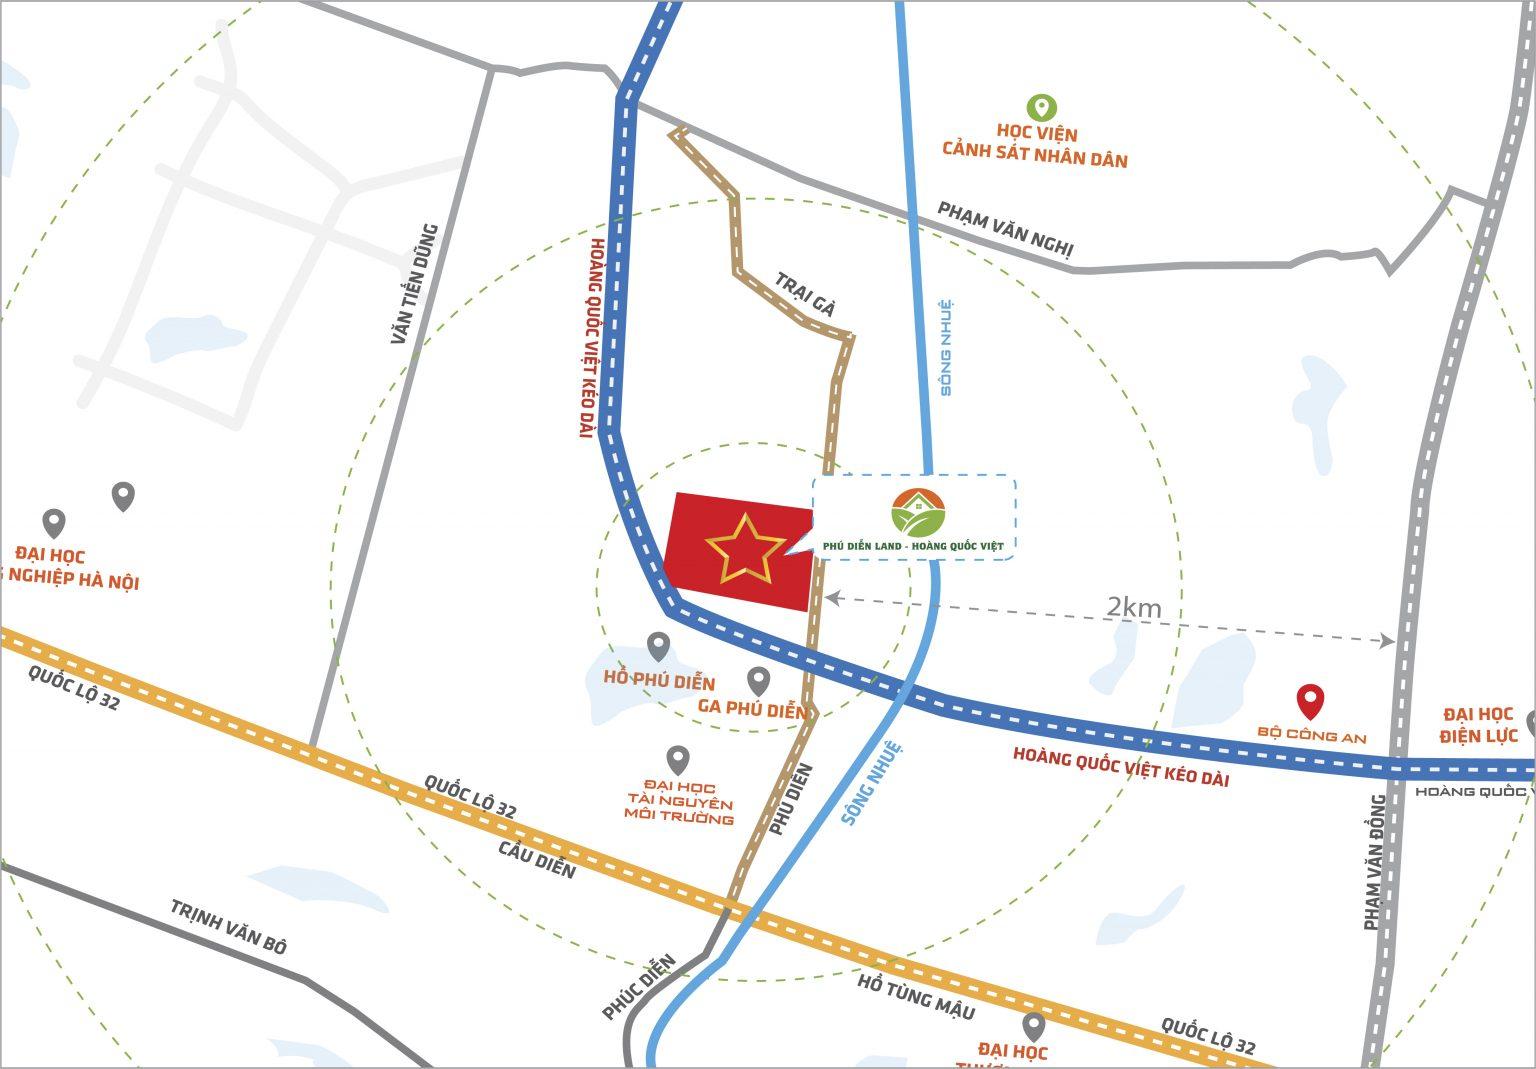 Vị trí dự án Liền kề biệt thự Phú diễn land